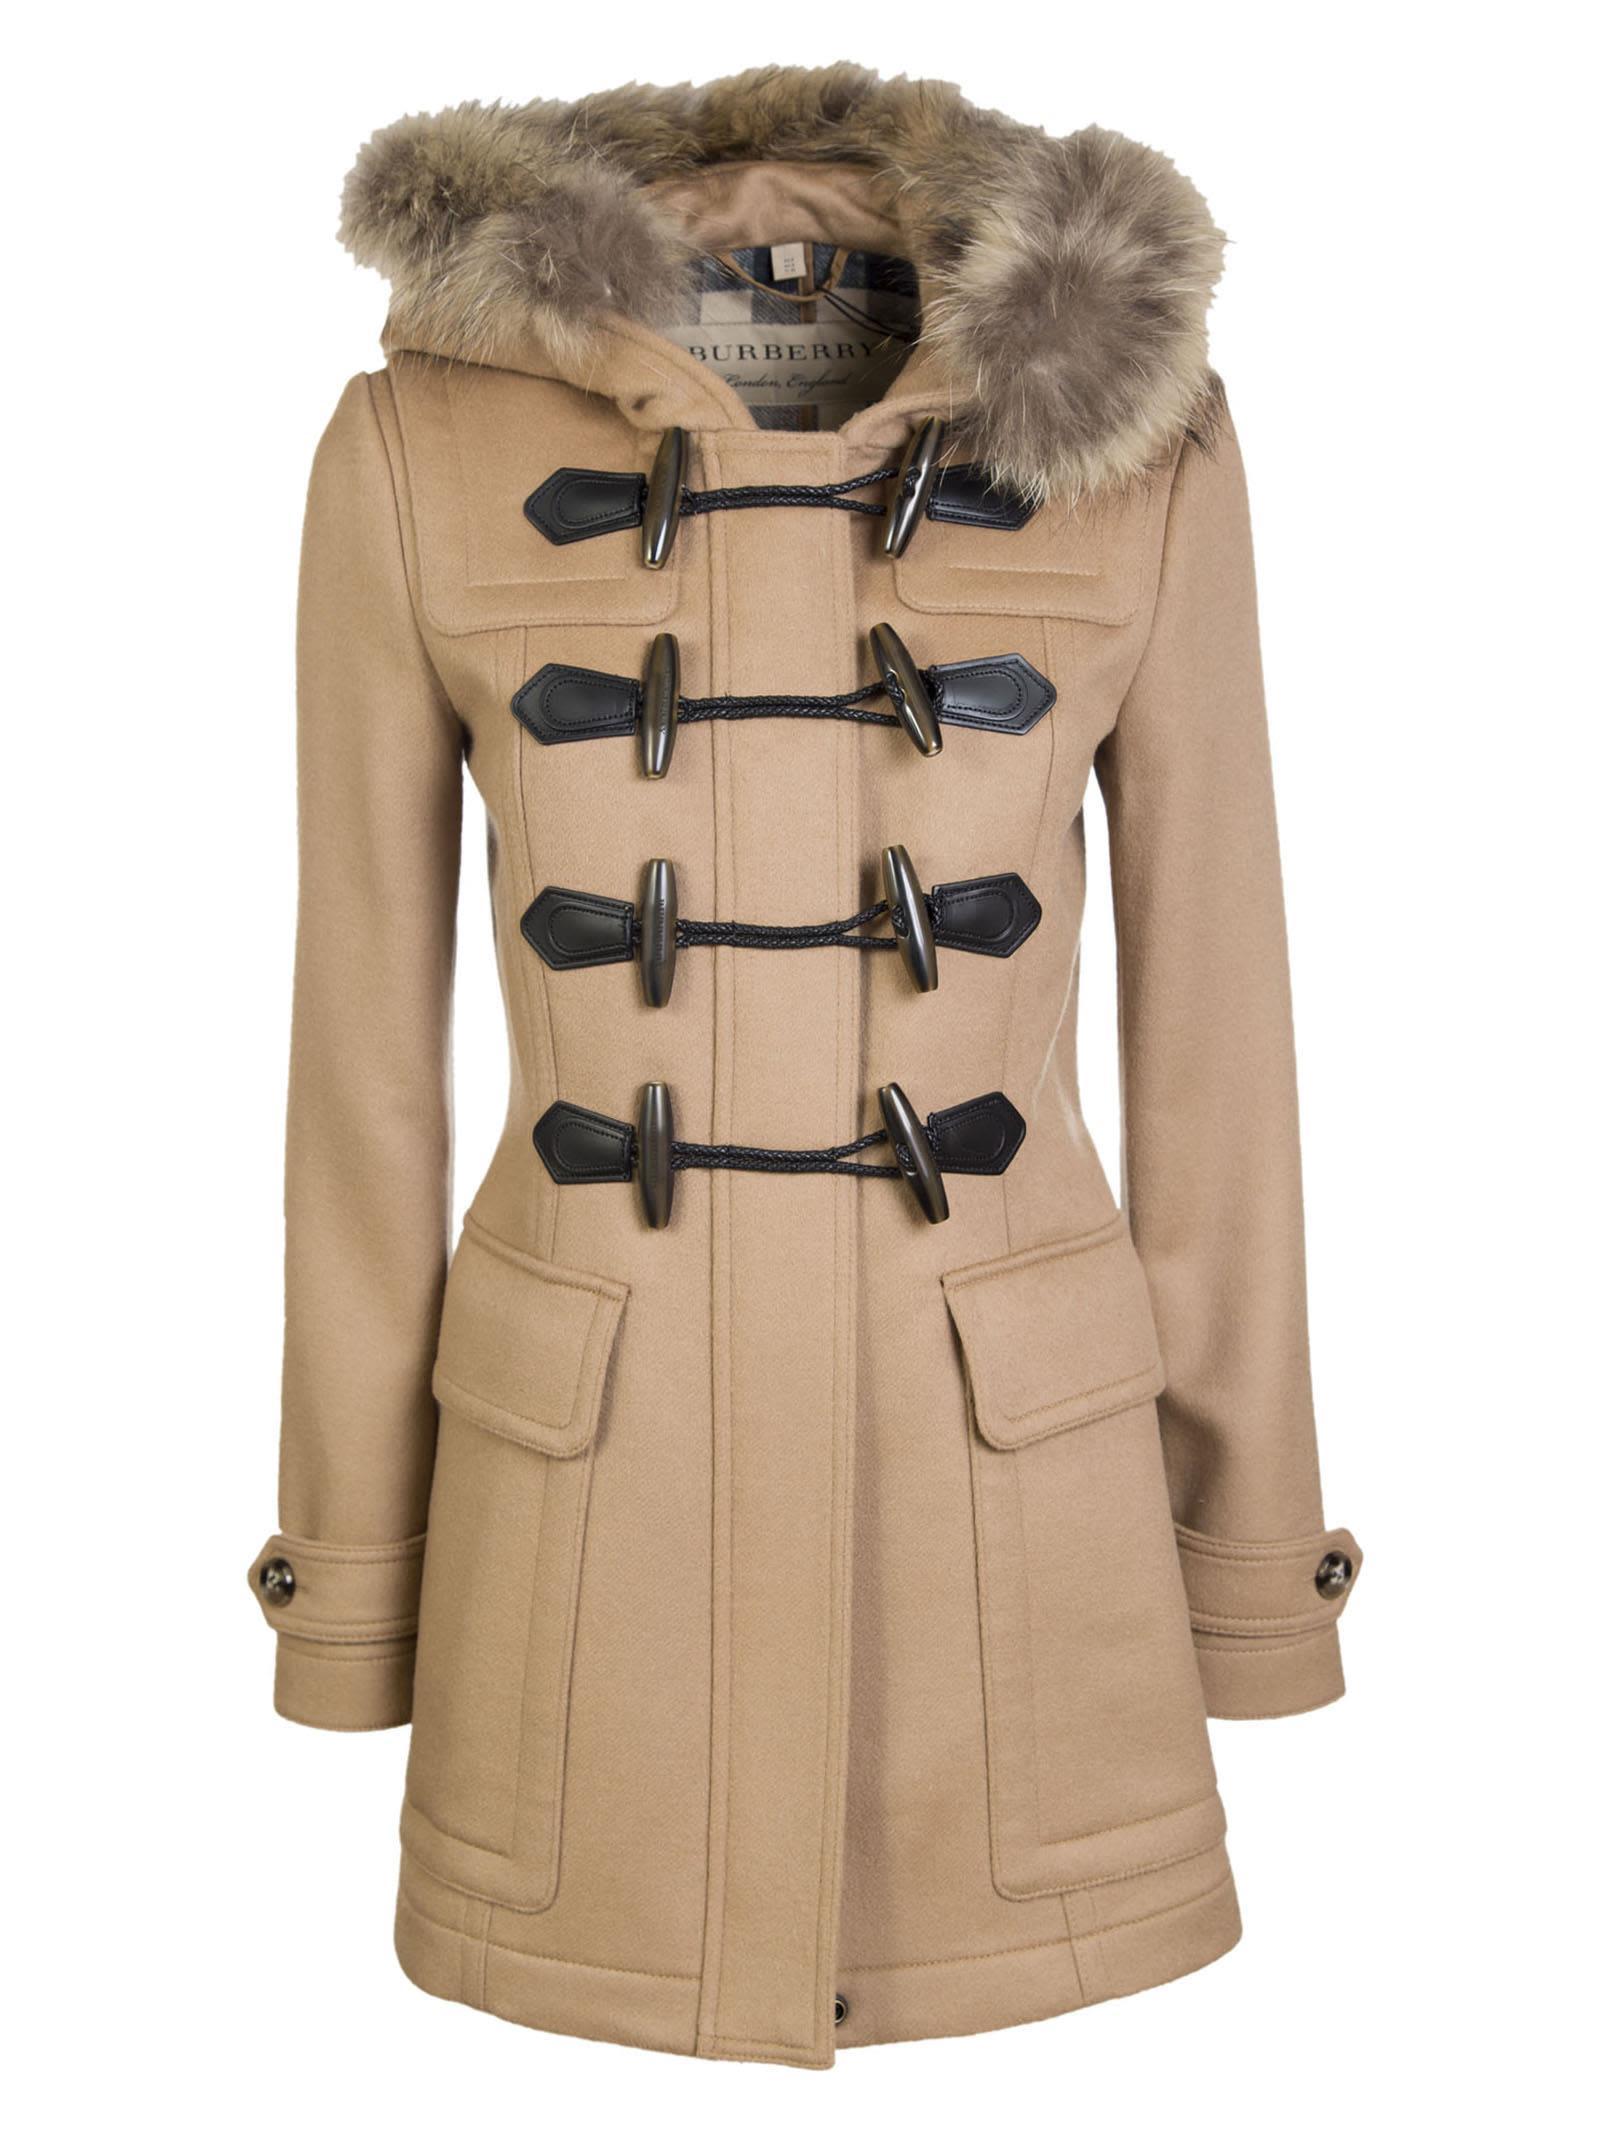 Burberry Trimmed Hood Duffle Coat